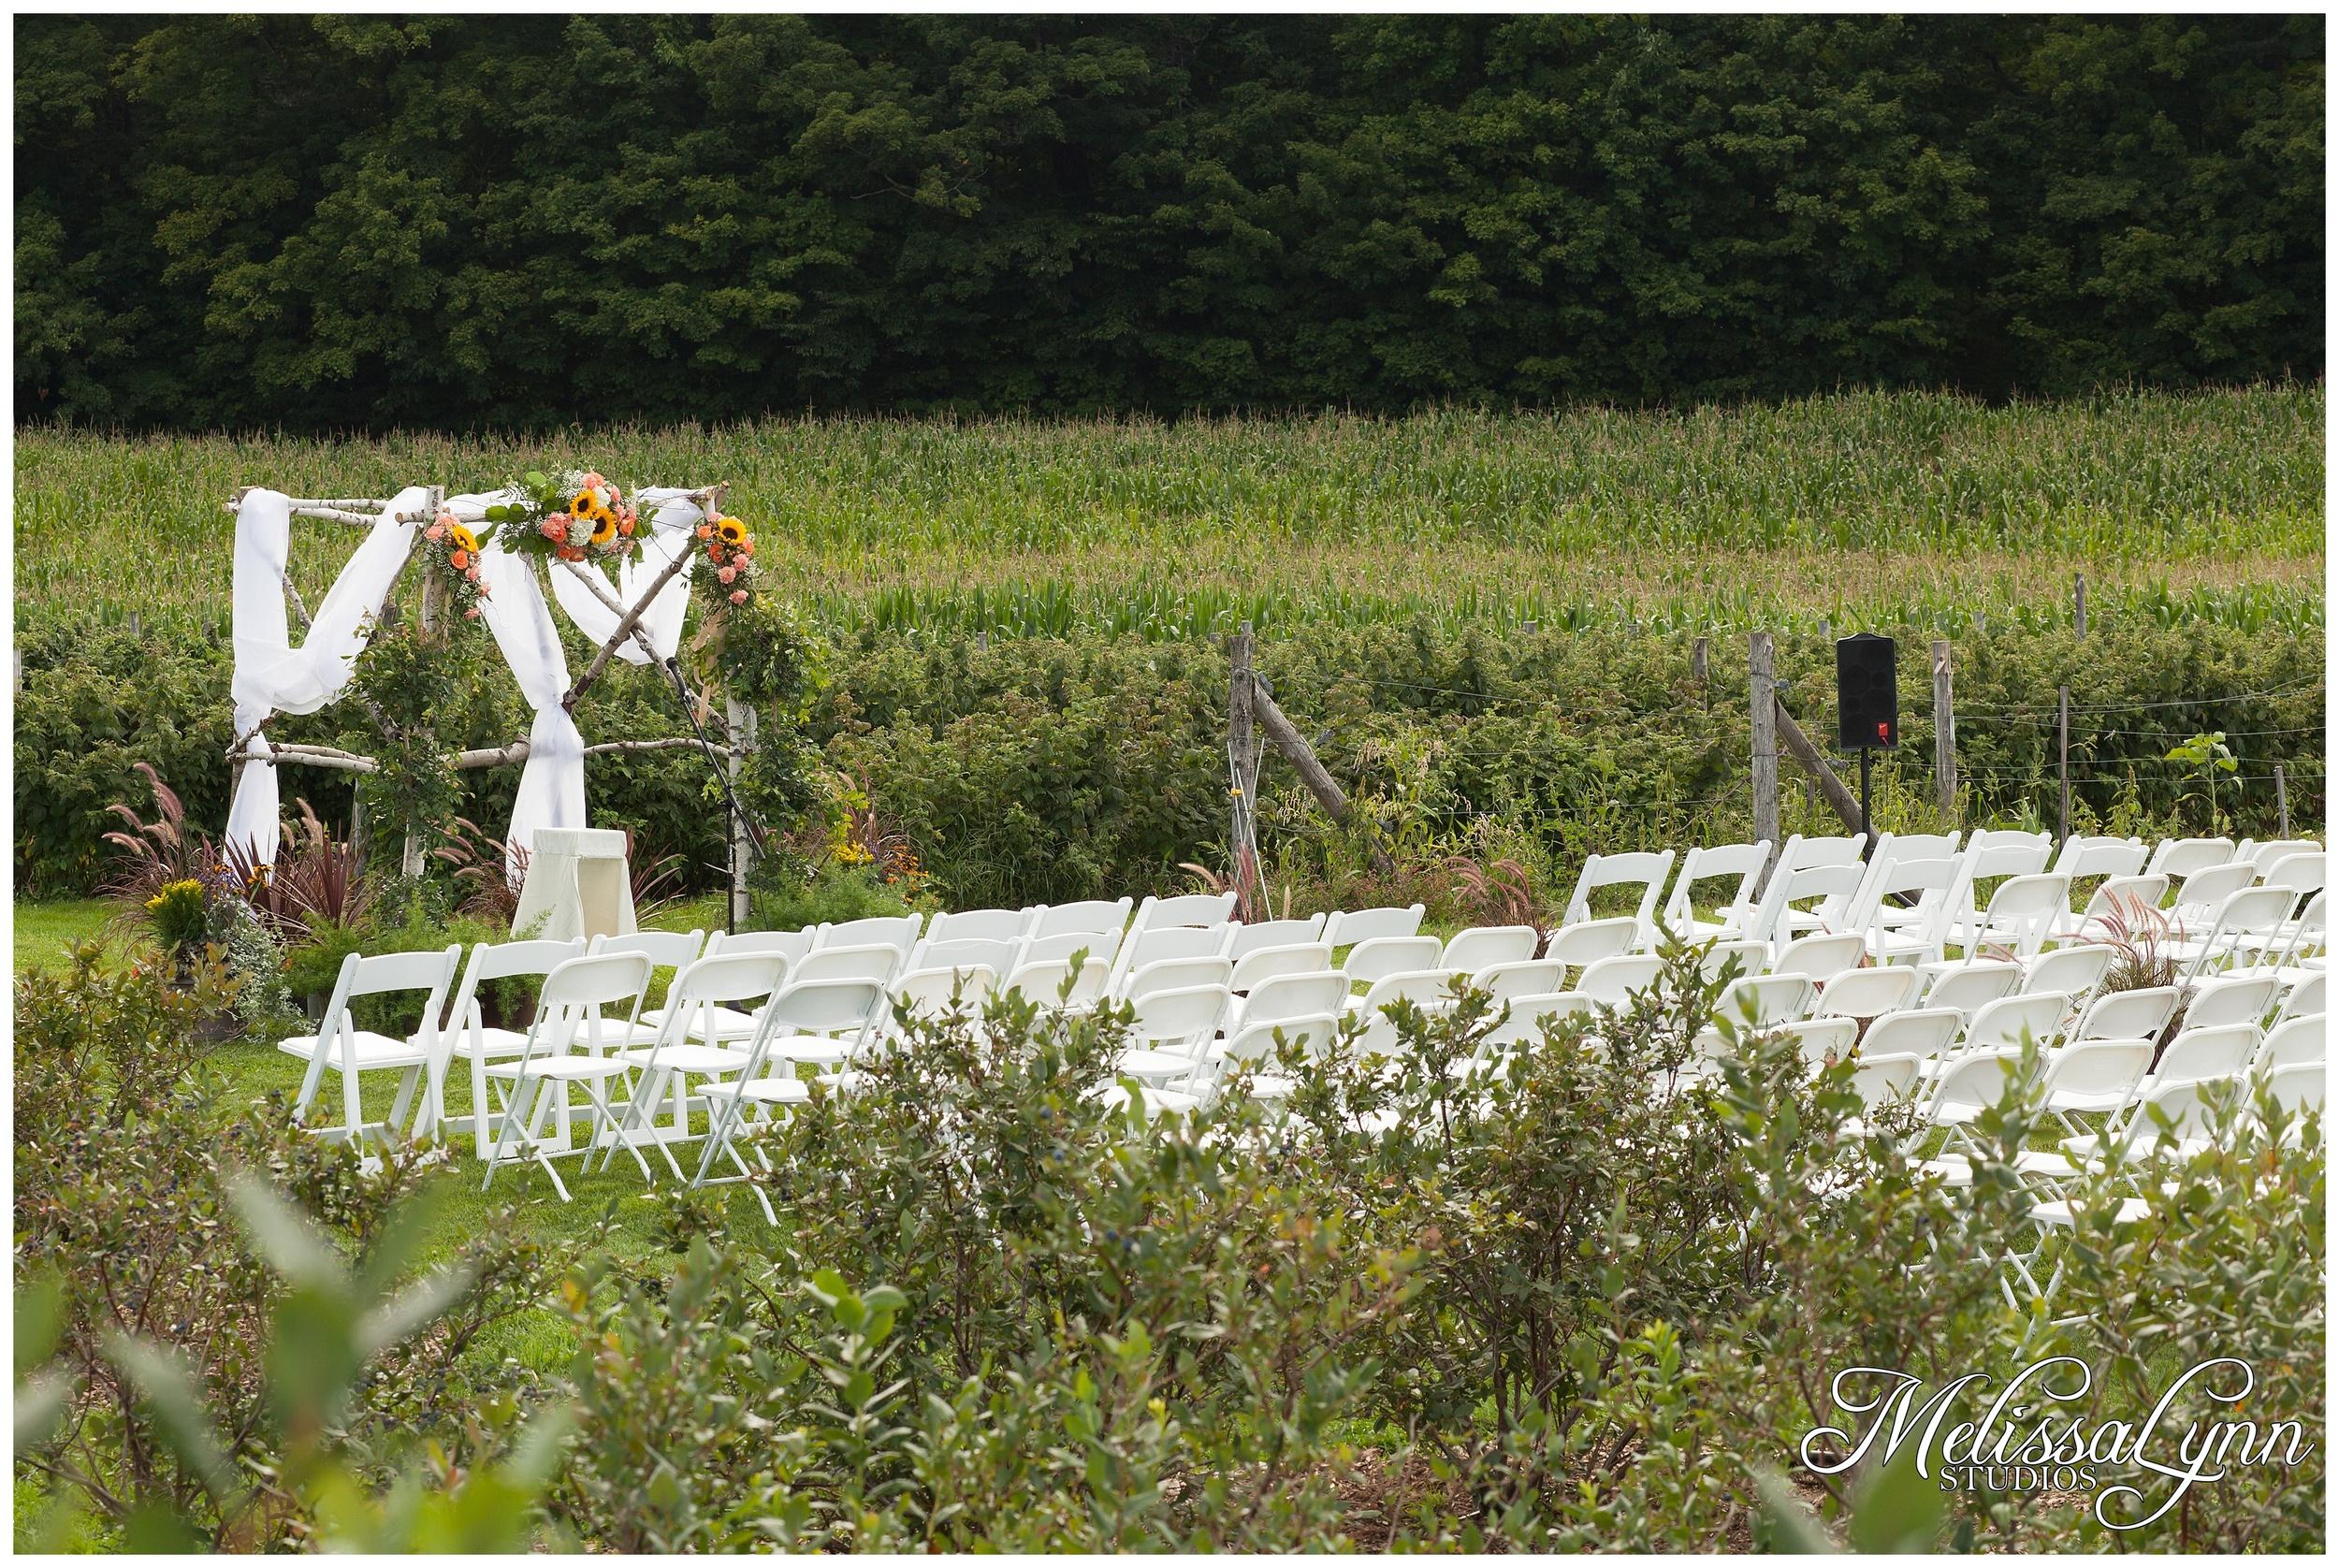 2014-09-10_0006.jpg